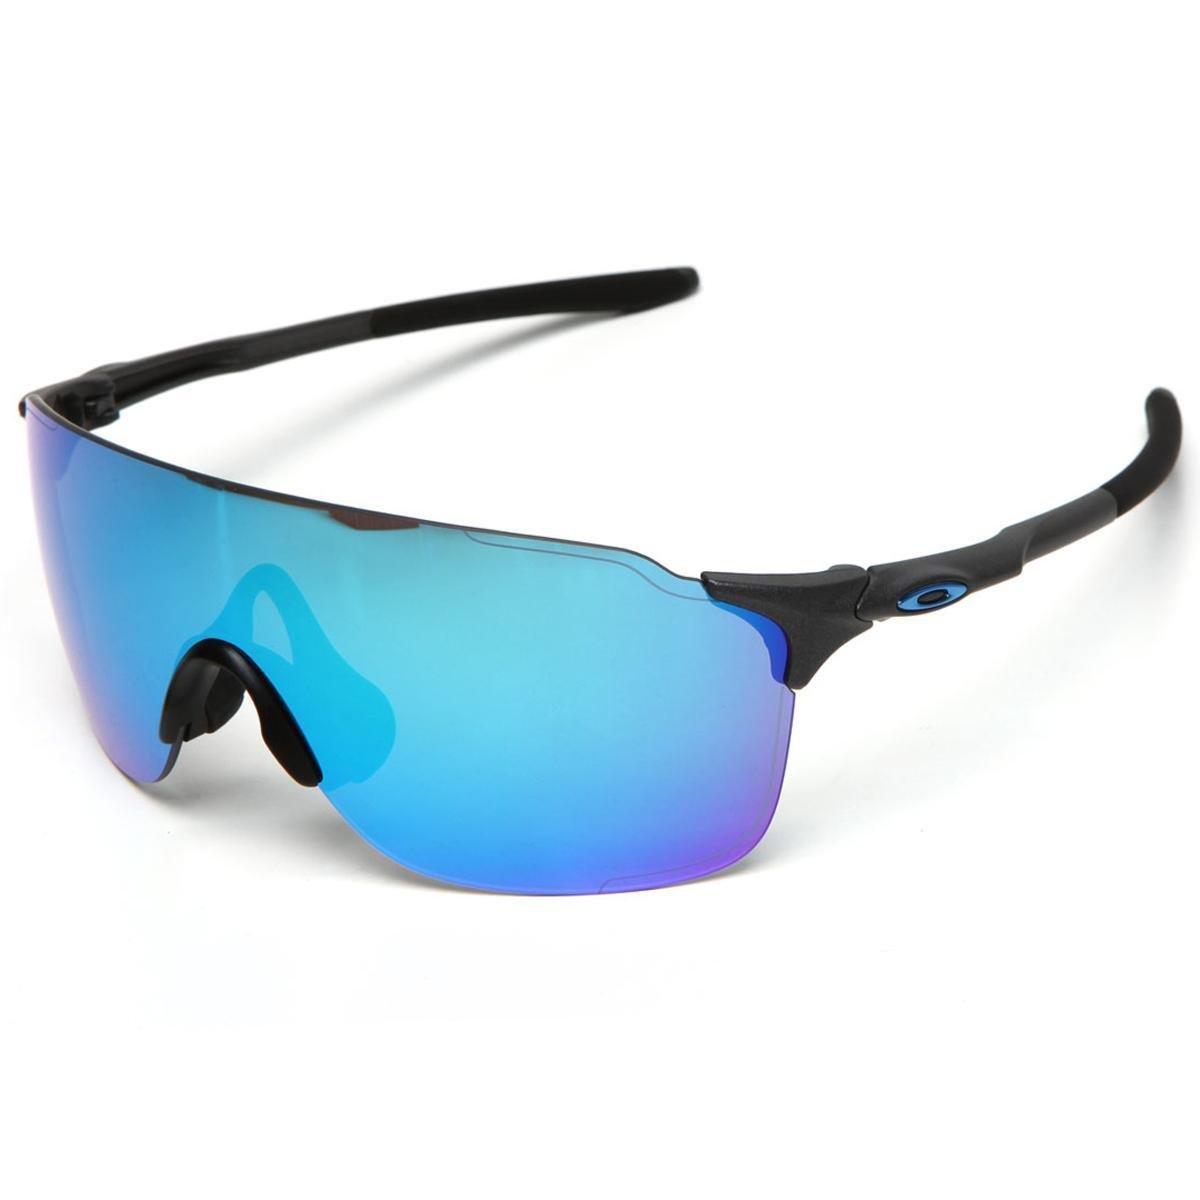 2e3d620bdbd78 Óculos Oakley Evzero Stride - Compre Agora